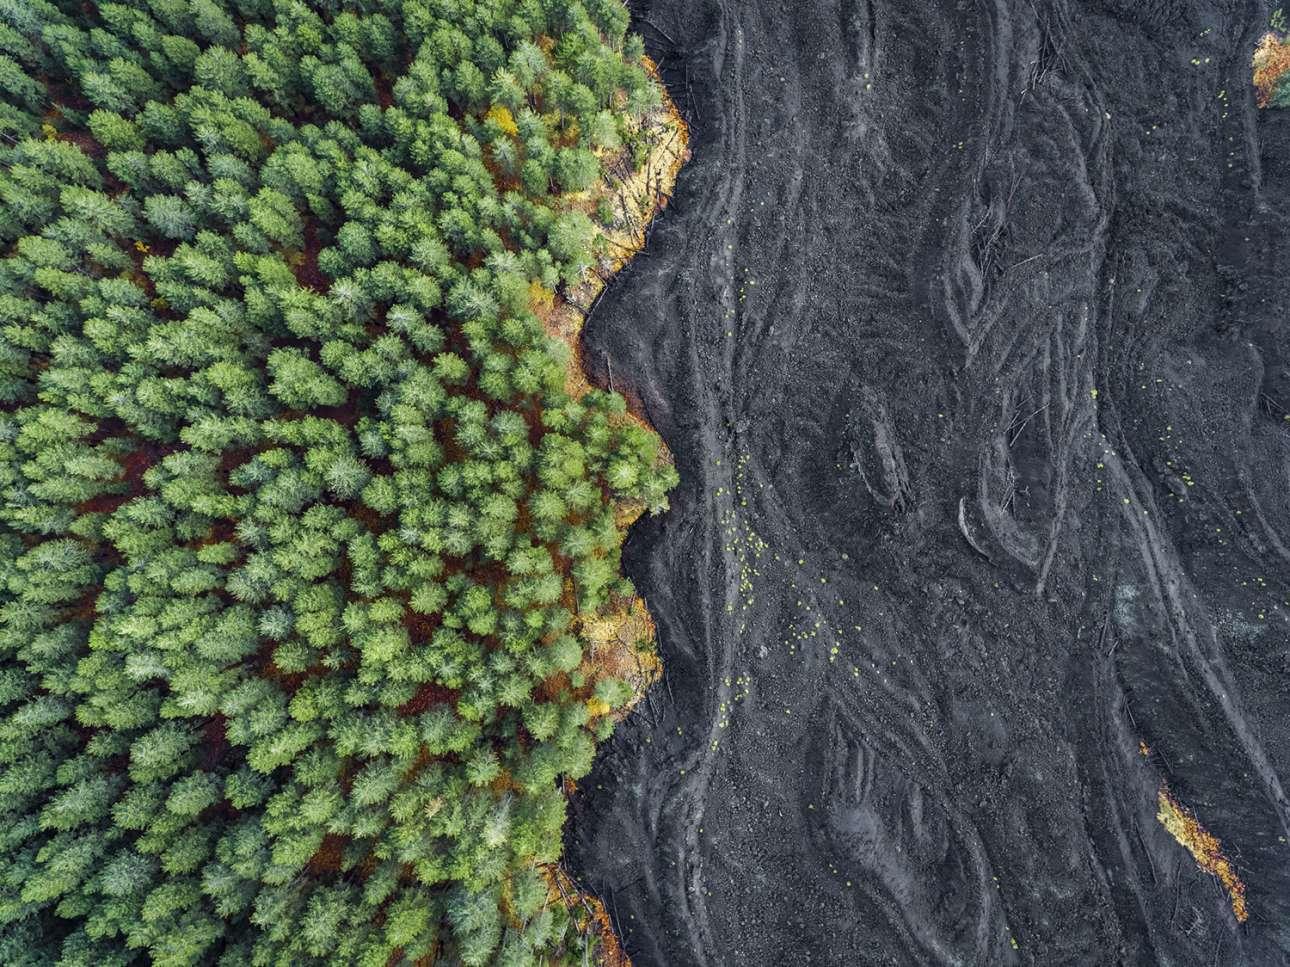 «Στερεοποιημένη Λάβα εναντίον Δάσους». Μία εκπληκτική φωτογραφία, μεγάλων αντιθέσεων τραβηγμένη με drone: η πετρωμένη λάβα του ηφαιστείου Αίτνα δίπλα από ένα καταπράσινο δάσος στη Σικελία